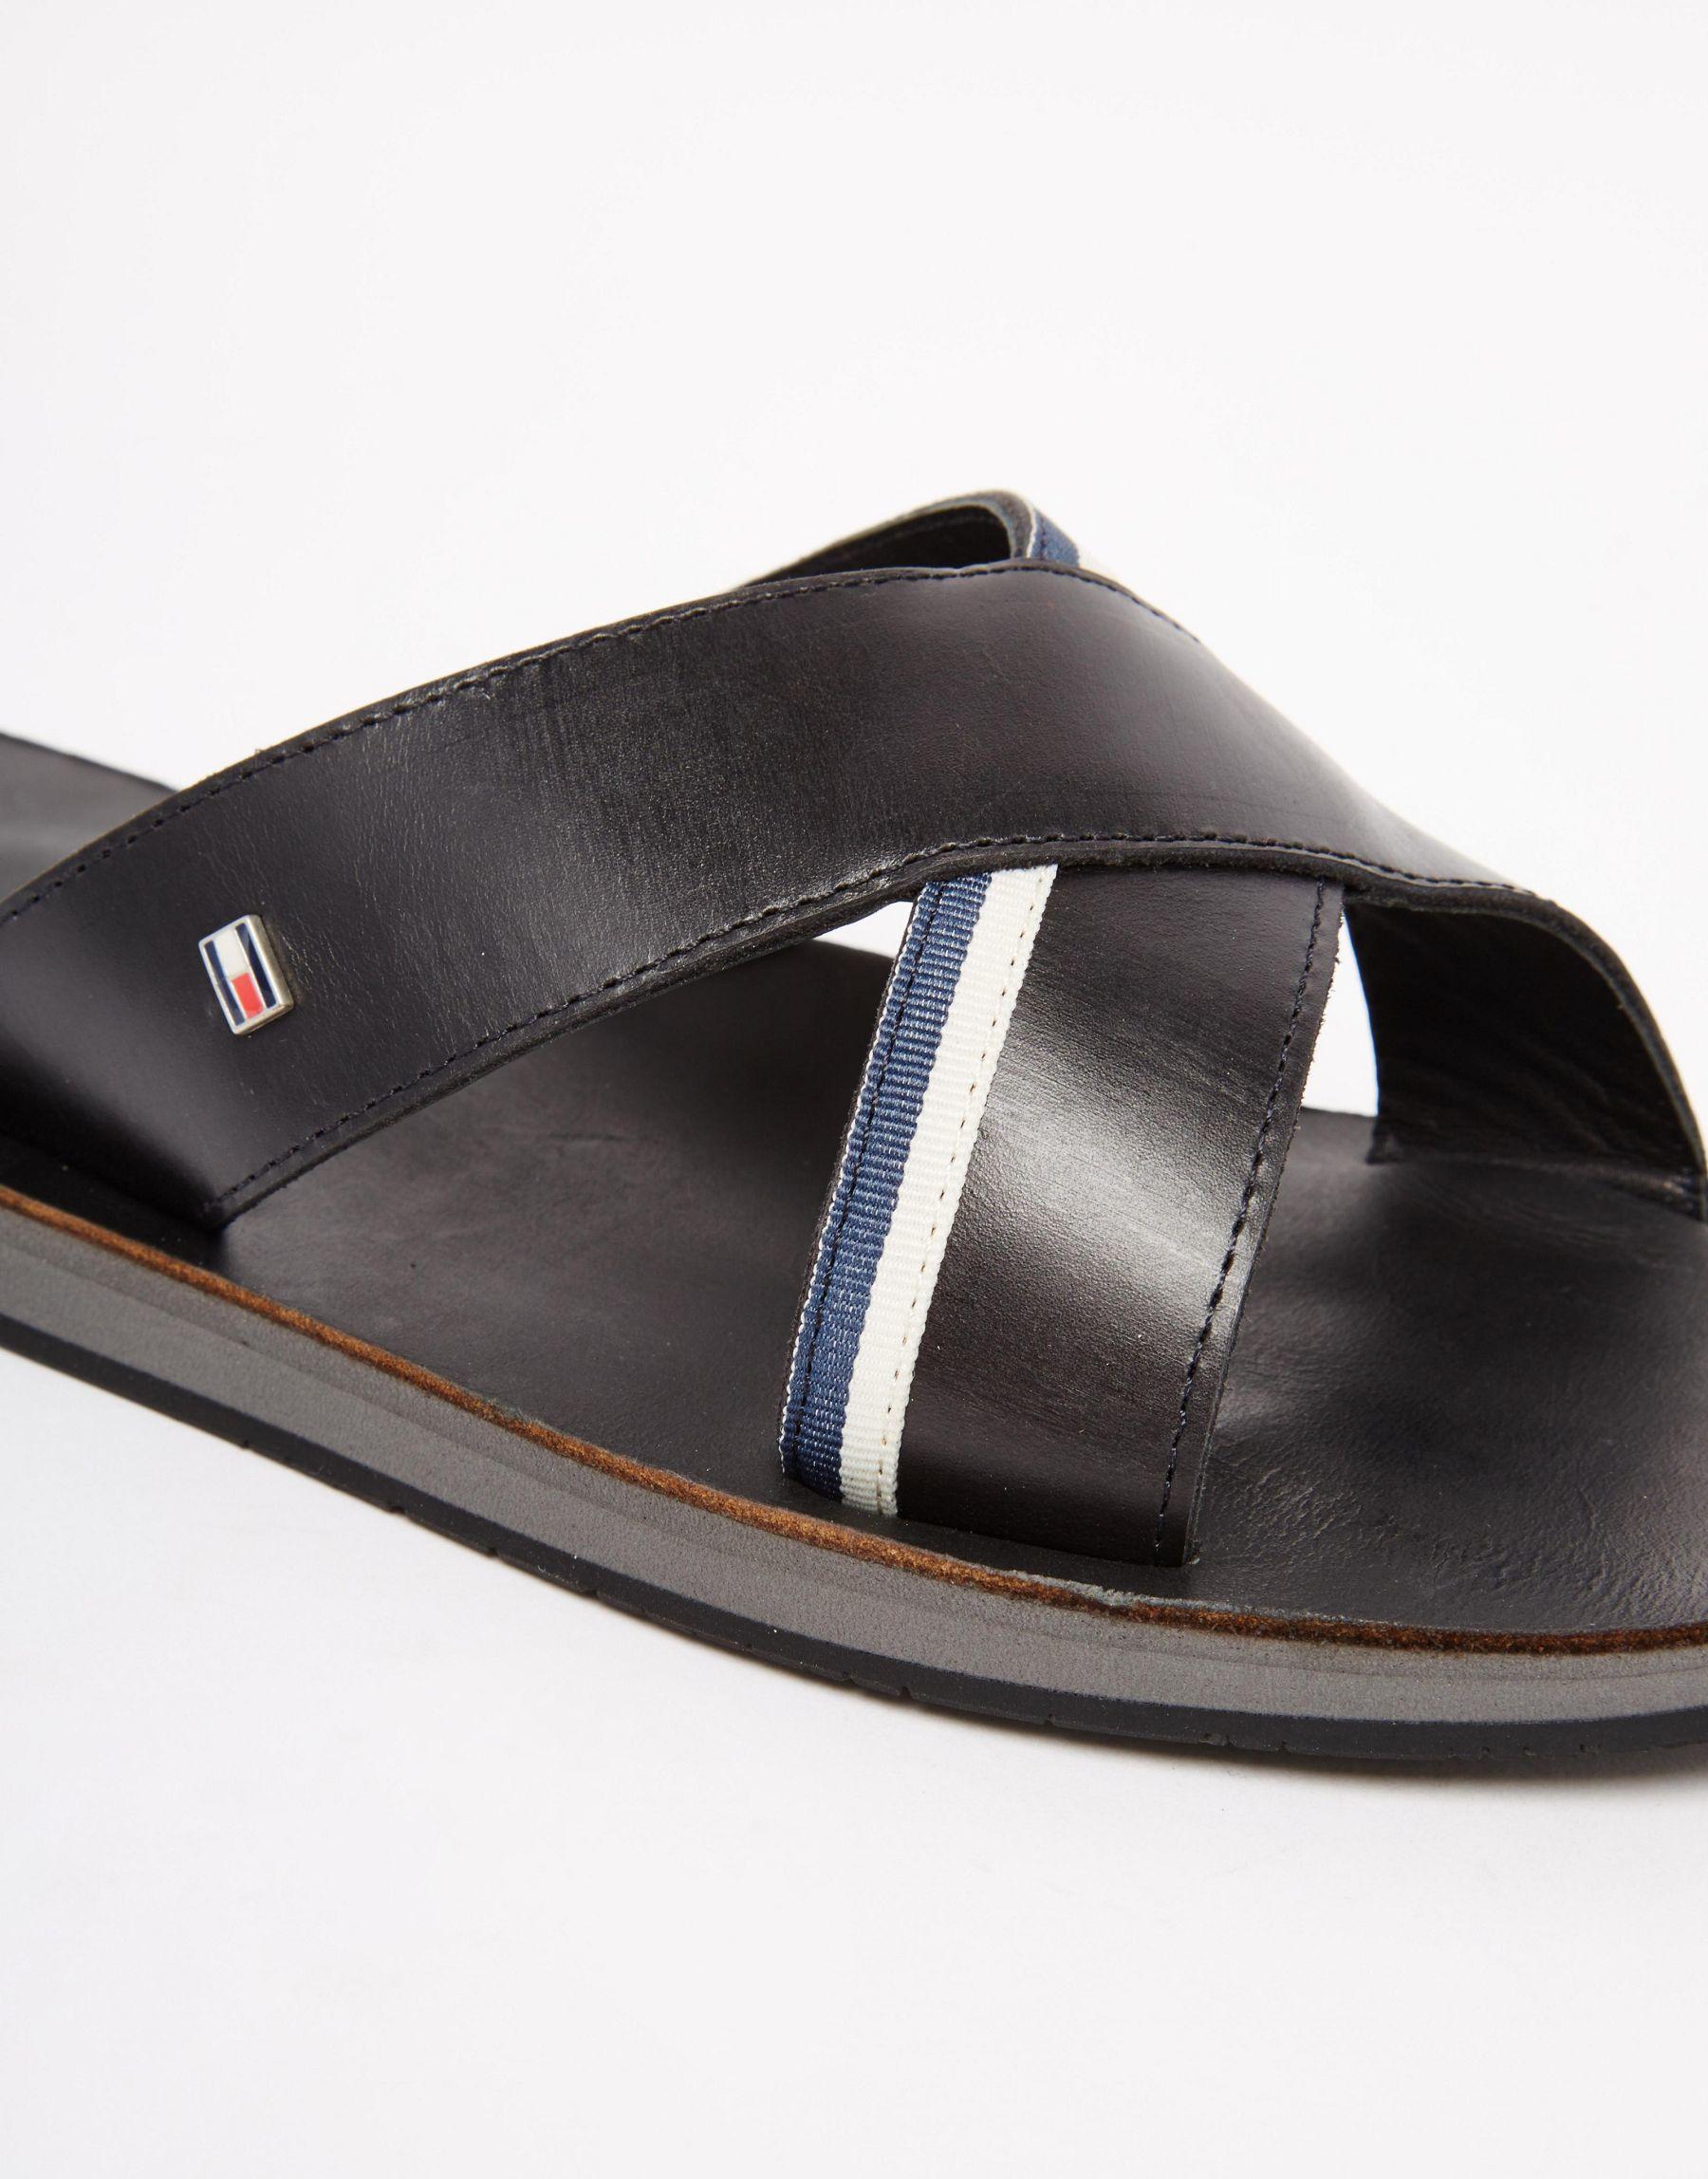 Tommy Hilfiger Leather Flip Flops In Black For Men  Lyst-3178